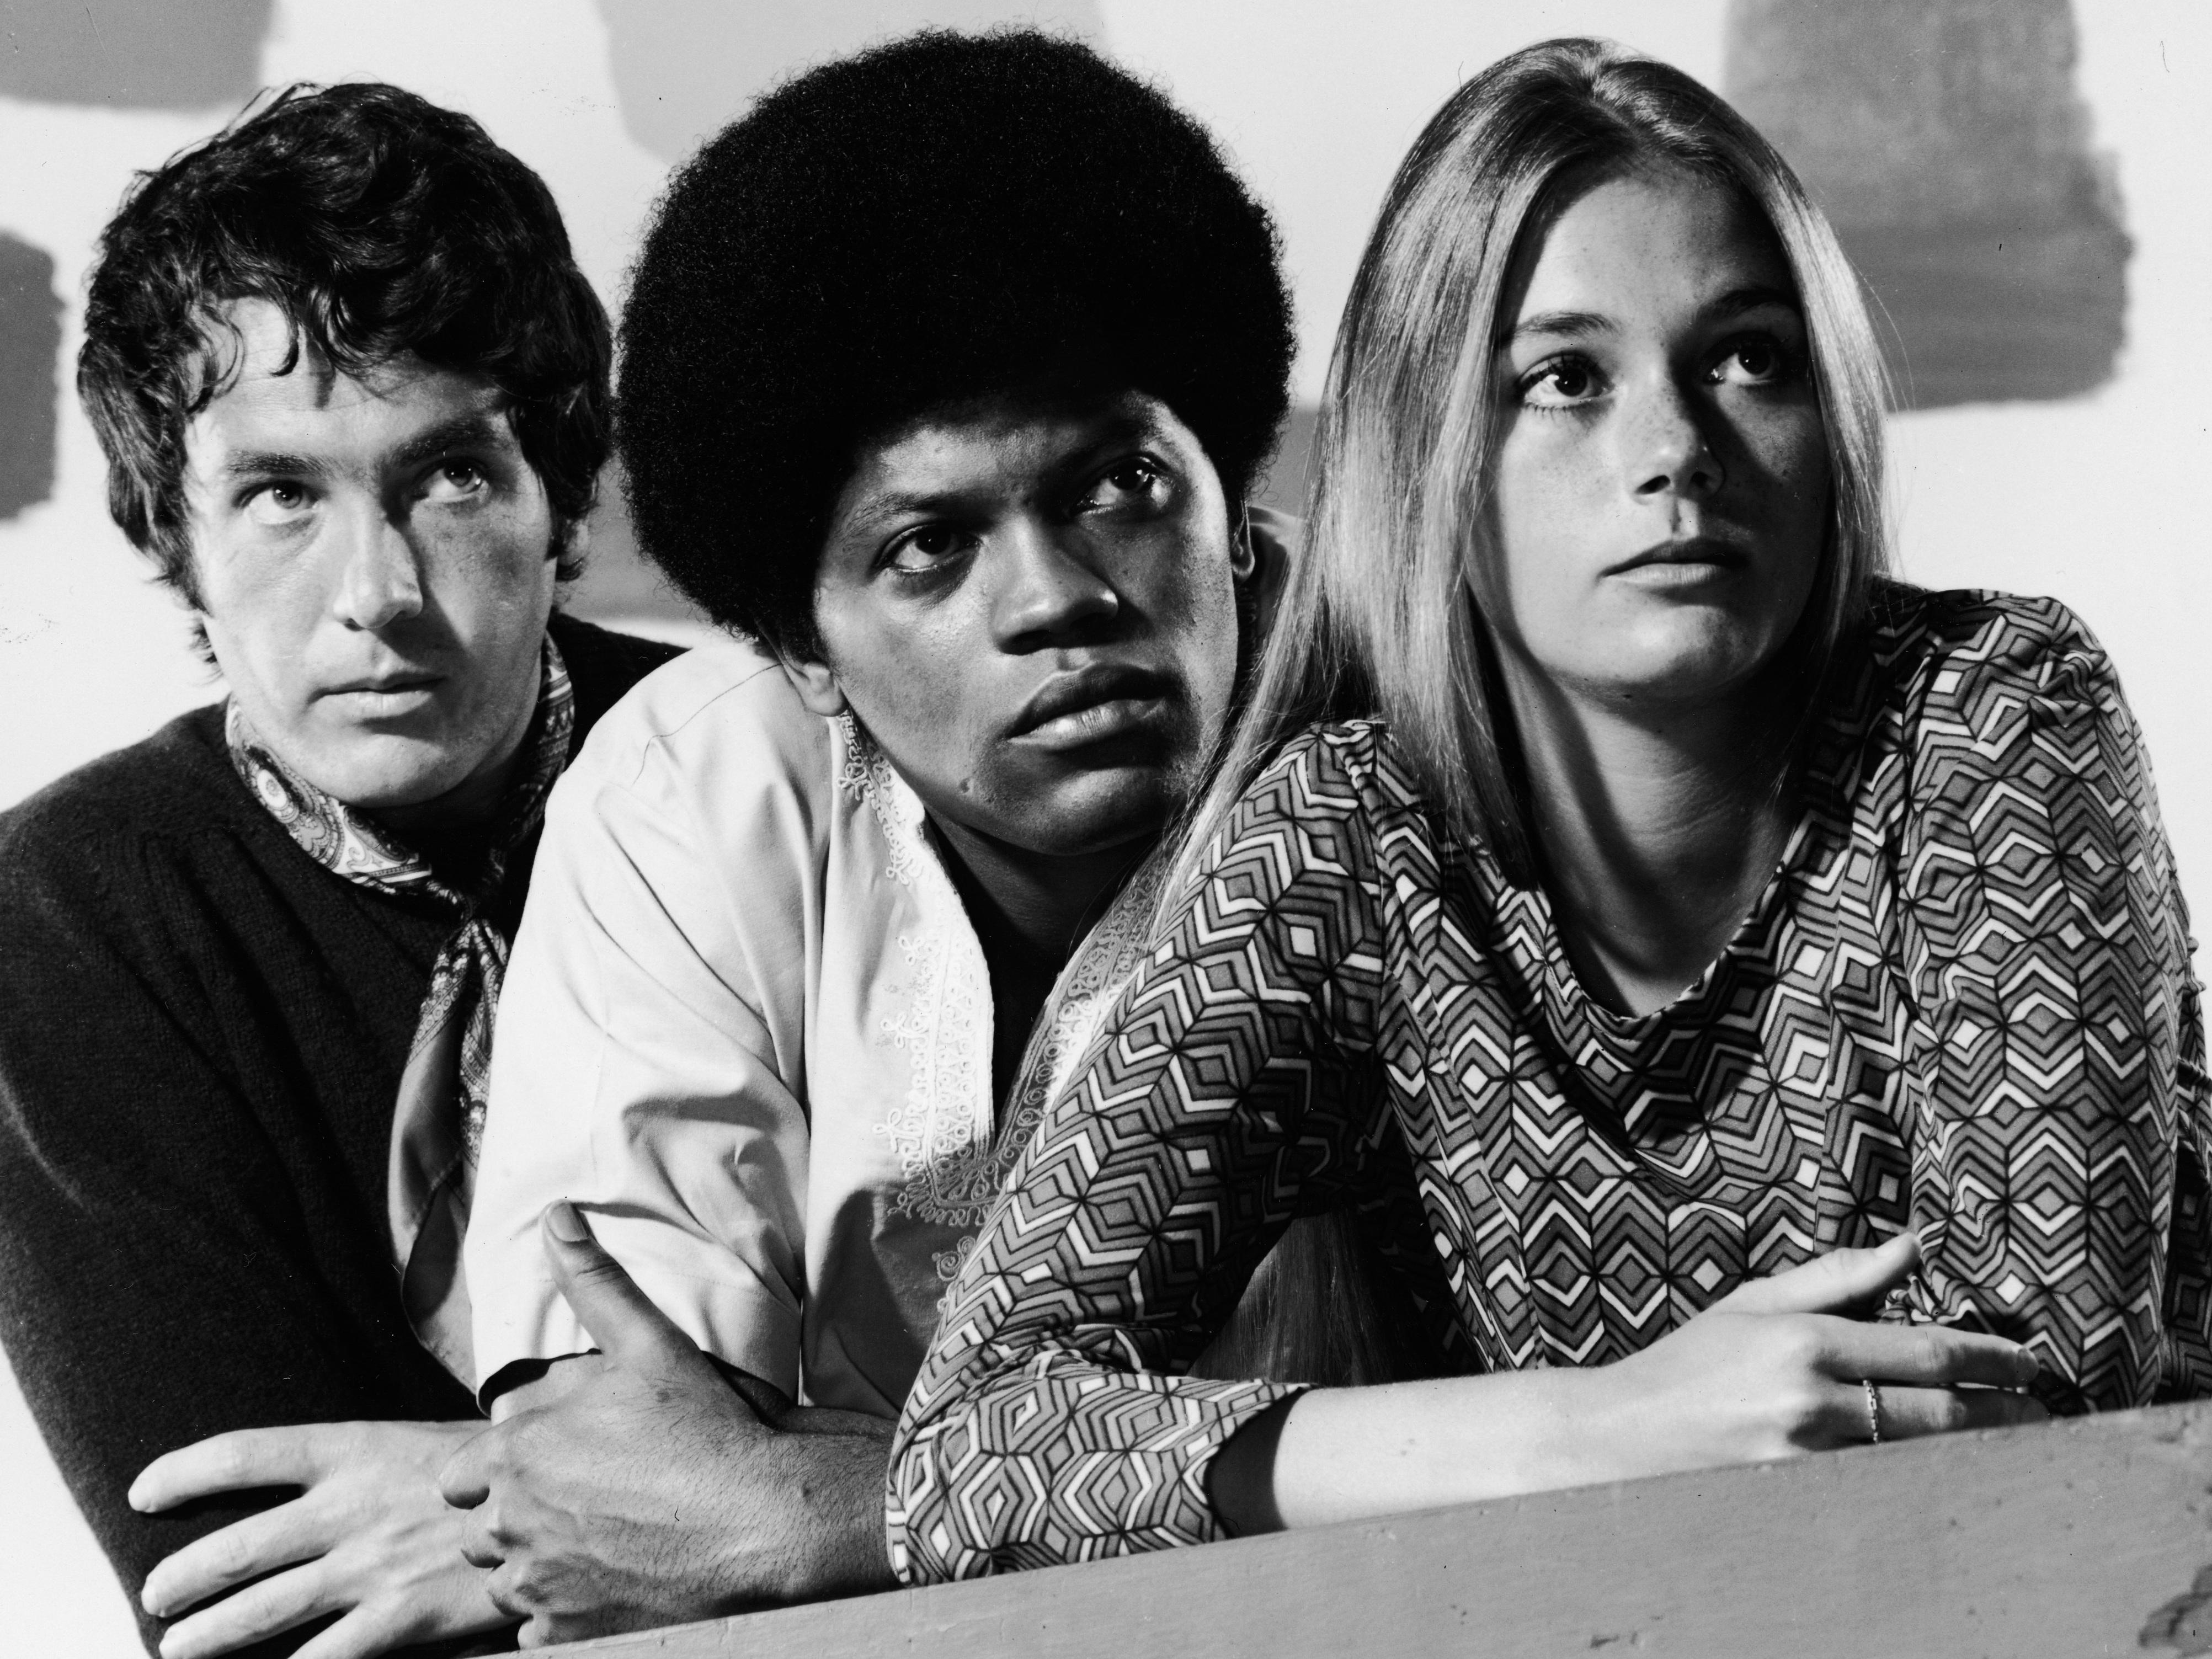 Michael Cole, Clarence Williams III e Peggy Lipton estrelou no 60 'The Mod Placad', considerado revolucionário em sua ERA Para ter um elenco inter-racial'The Mod Squad', considerada revolucionarai en su época por tener un elenco interracial